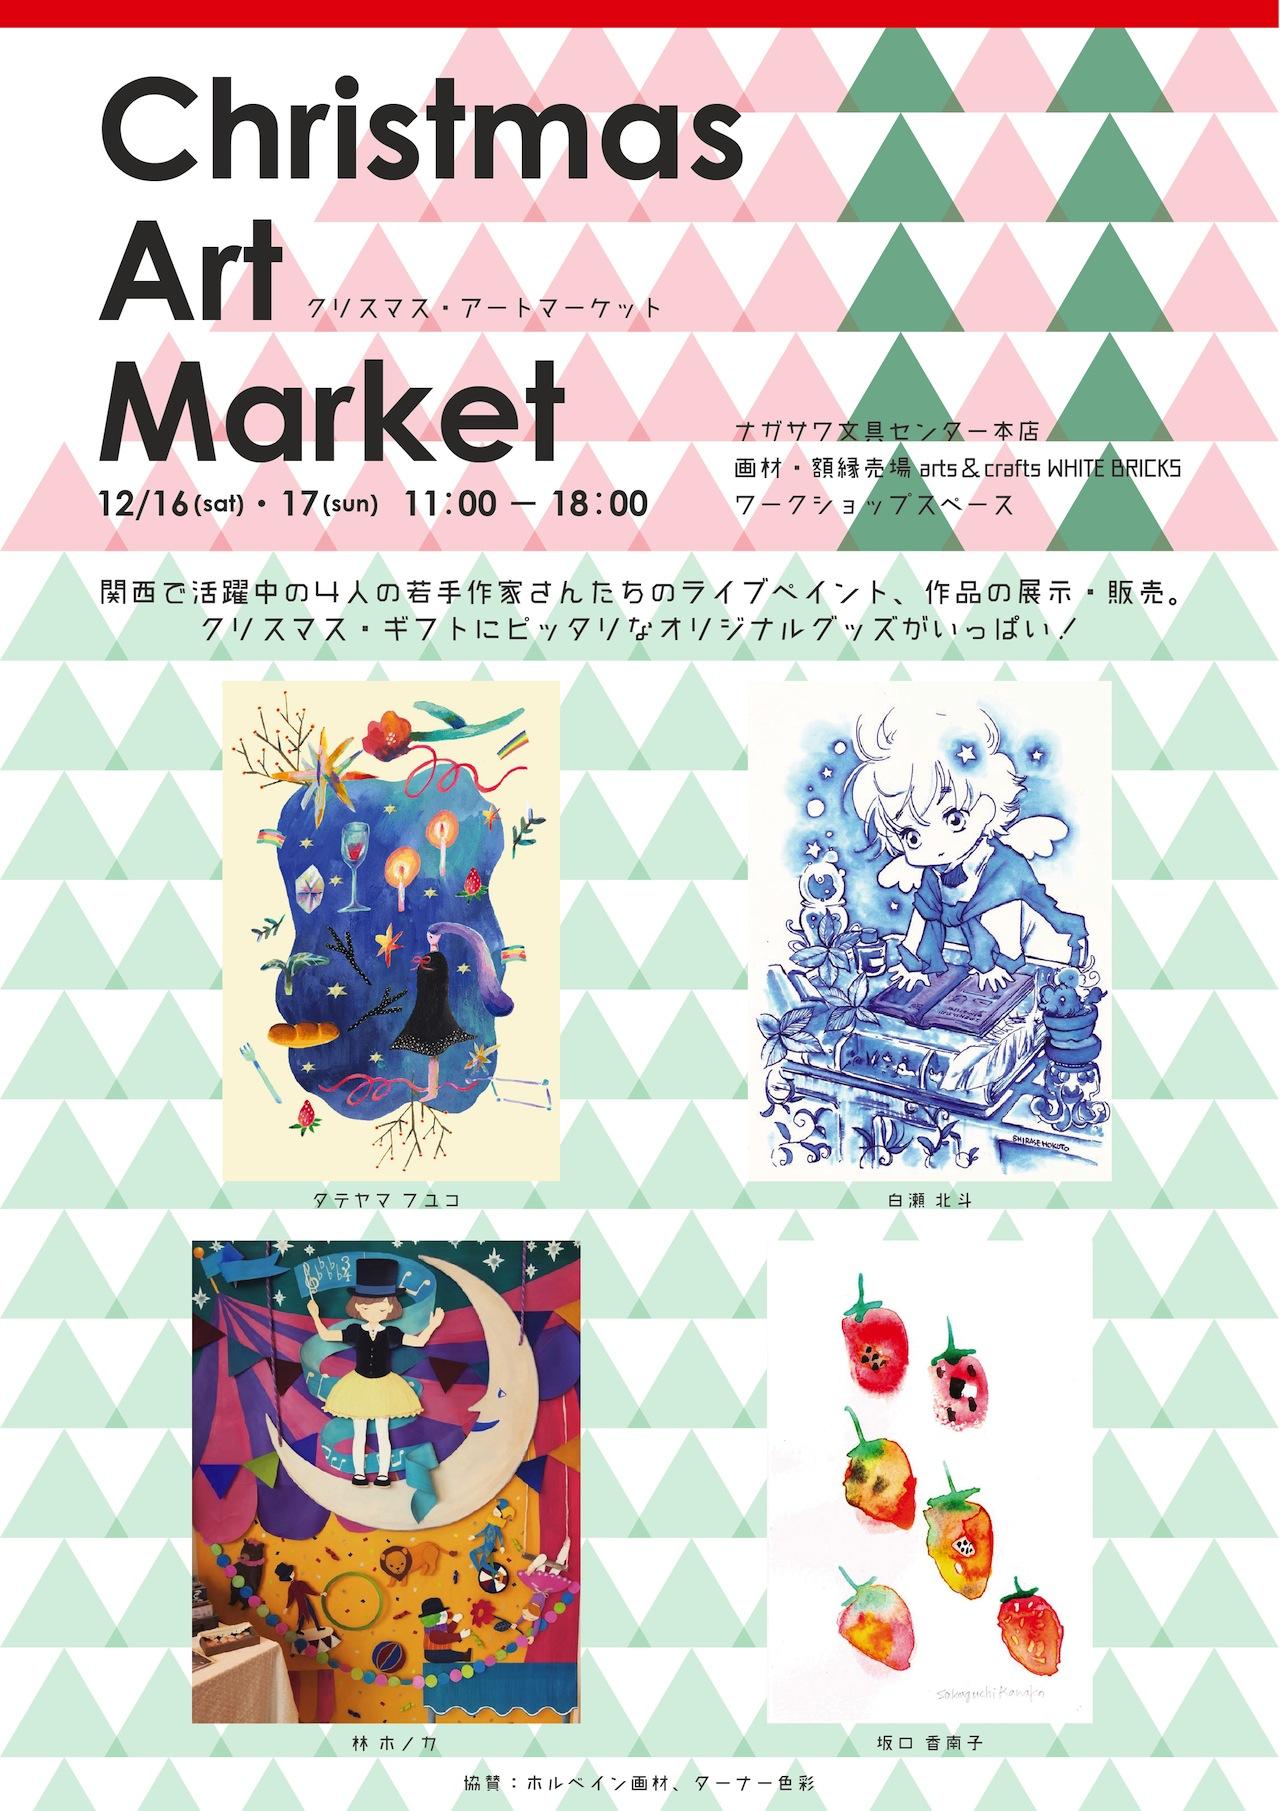 関西で活躍中の若手作家によるライブペイントイベント開催!作品展示や販売もあります!!